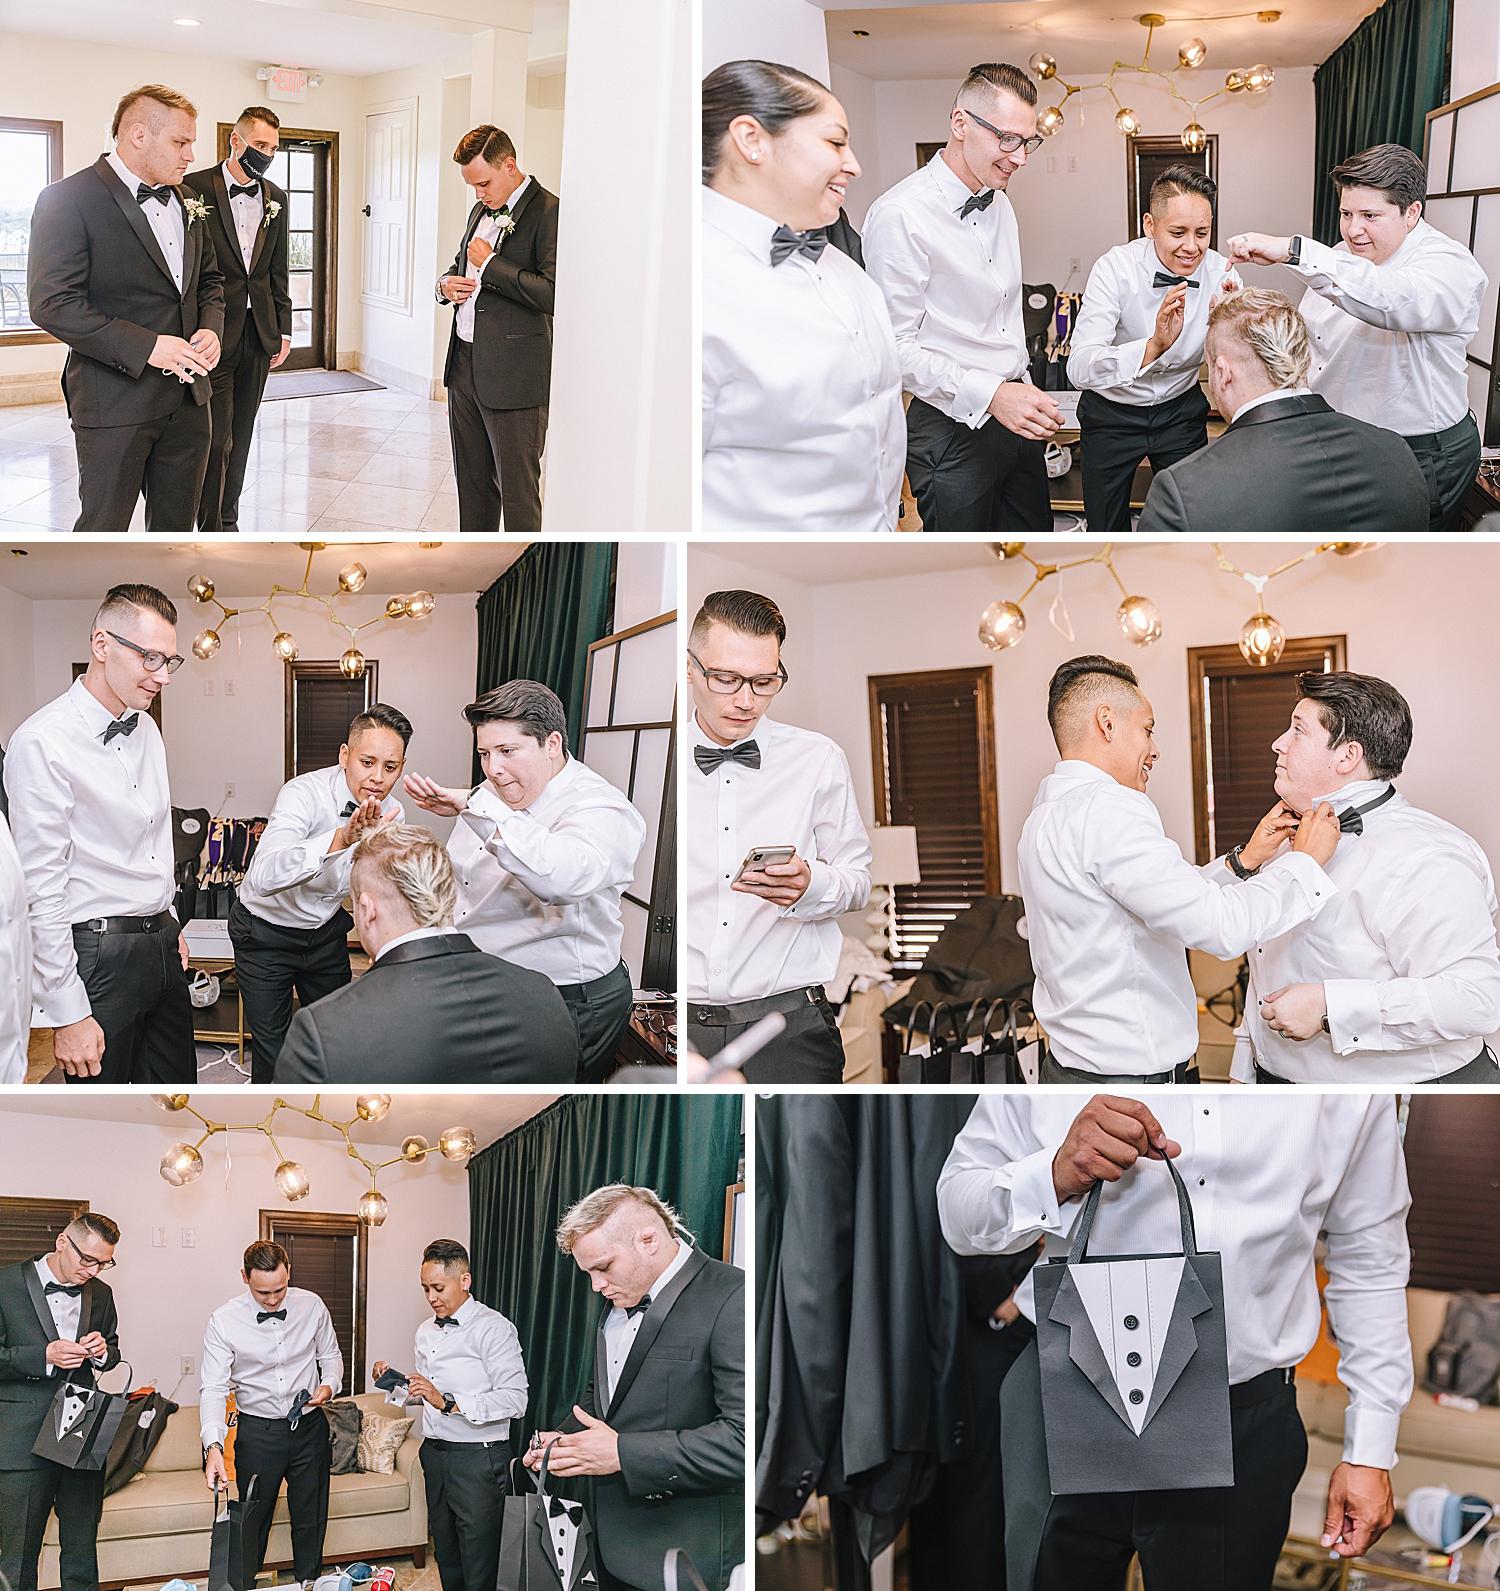 Carly-Barton-Photography-The-Villa-at-Cielo-Vista-Blush-Gold-White-Wedding-Photos_0113.jpg